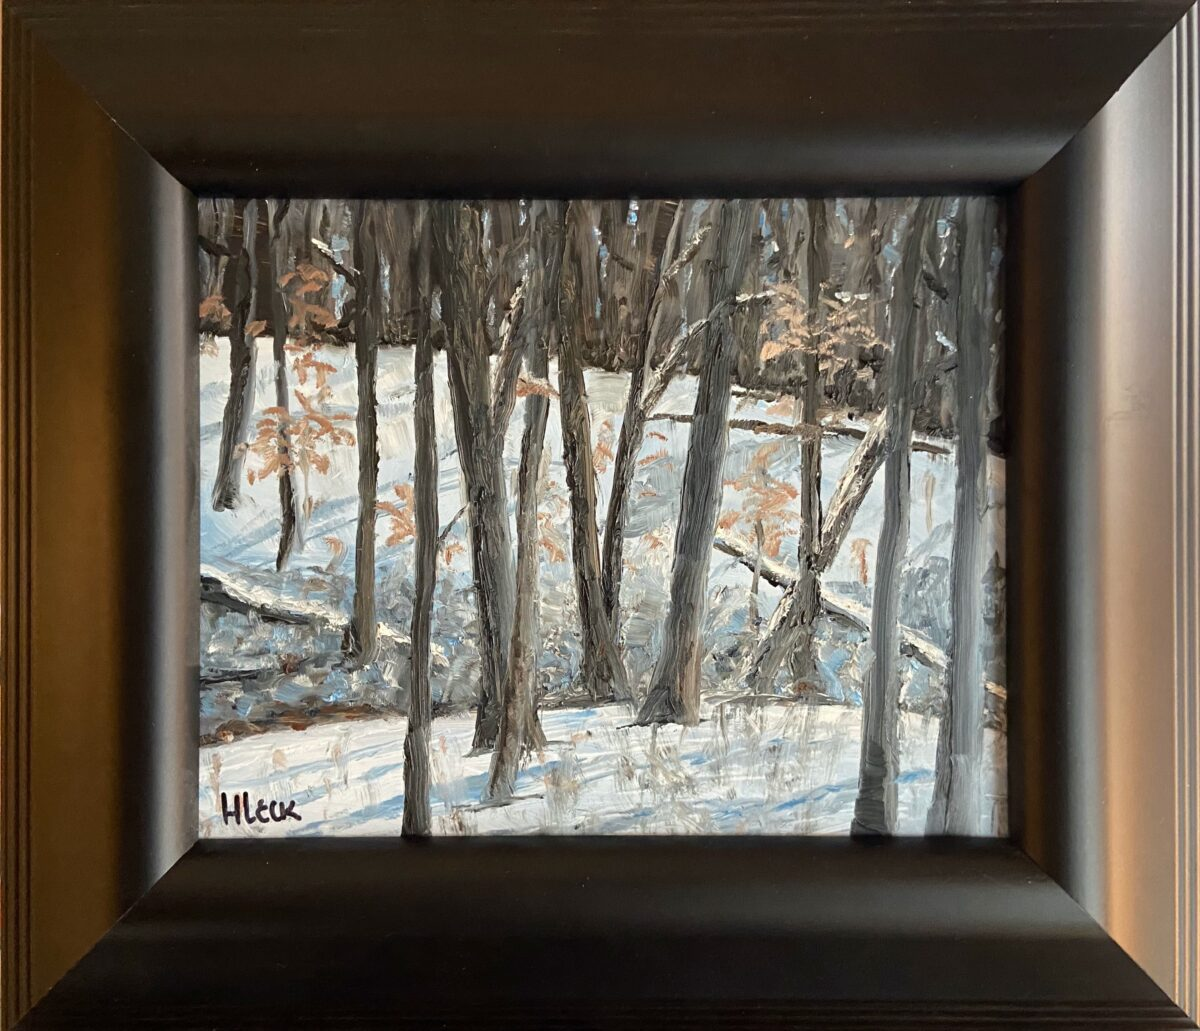 177 - Jackson Creek Rise - 8 x 10 - Landscape - $100